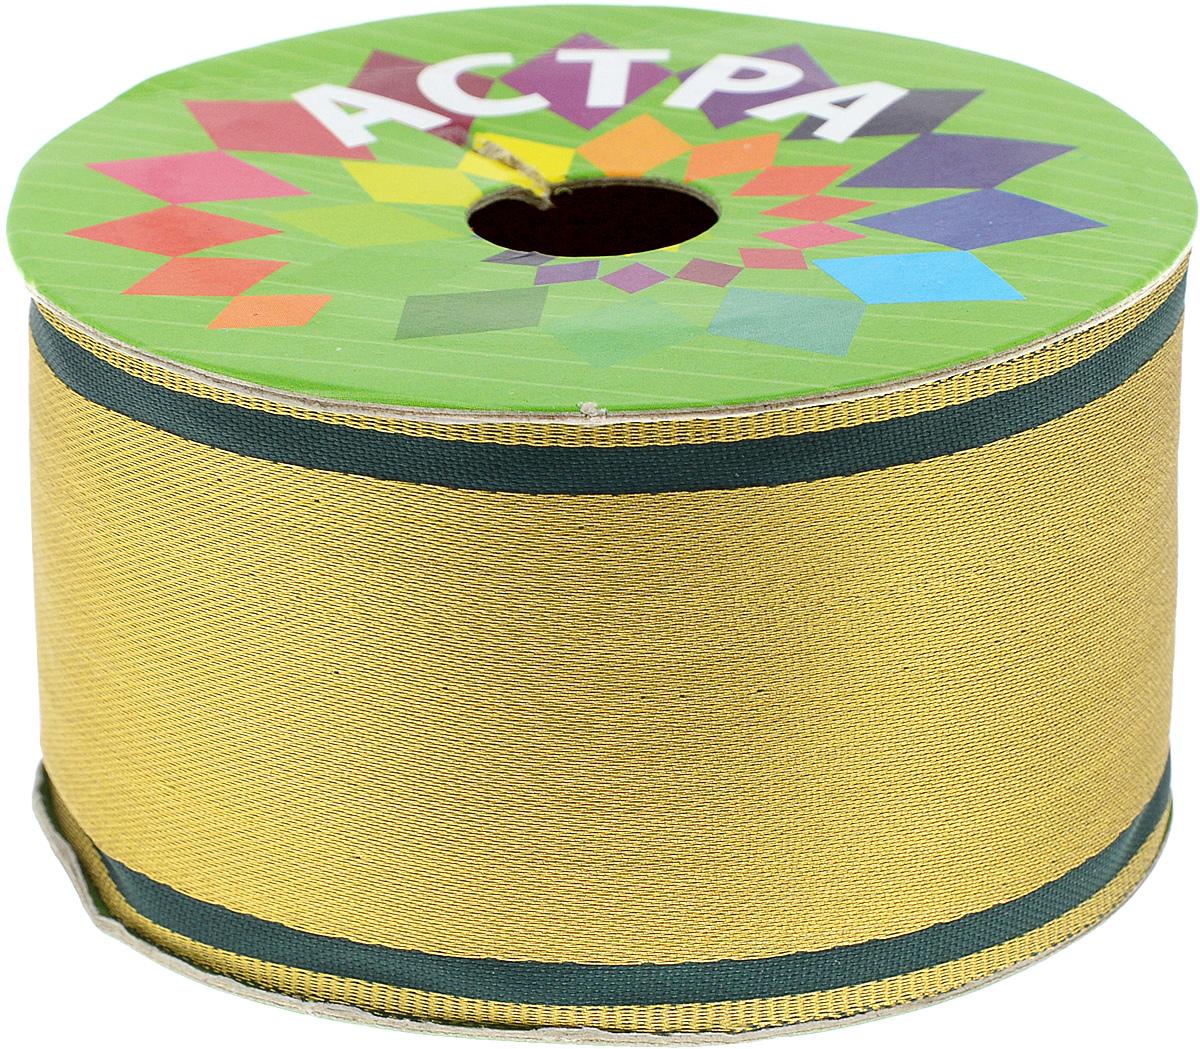 Тесьма декоративная Астра, цвет: золотистый, темно-зеленый, ширина 5 см, длина 8,2 мSCB240015Декоративная тесьма Астра выполнена из текстиля и оформлена оригинальным орнаментом. Такая тесьма идеально подойдет для оформления различных творческих работ таких, как скрапбукинг, аппликация, декор коробок и открыток и многое другое.Тесьма наивысшего качества и практична в использовании. Она станет незаменимом элементов в создании рукотворного шедевра.Ширина: 5 см. Длина: 8,2 м.